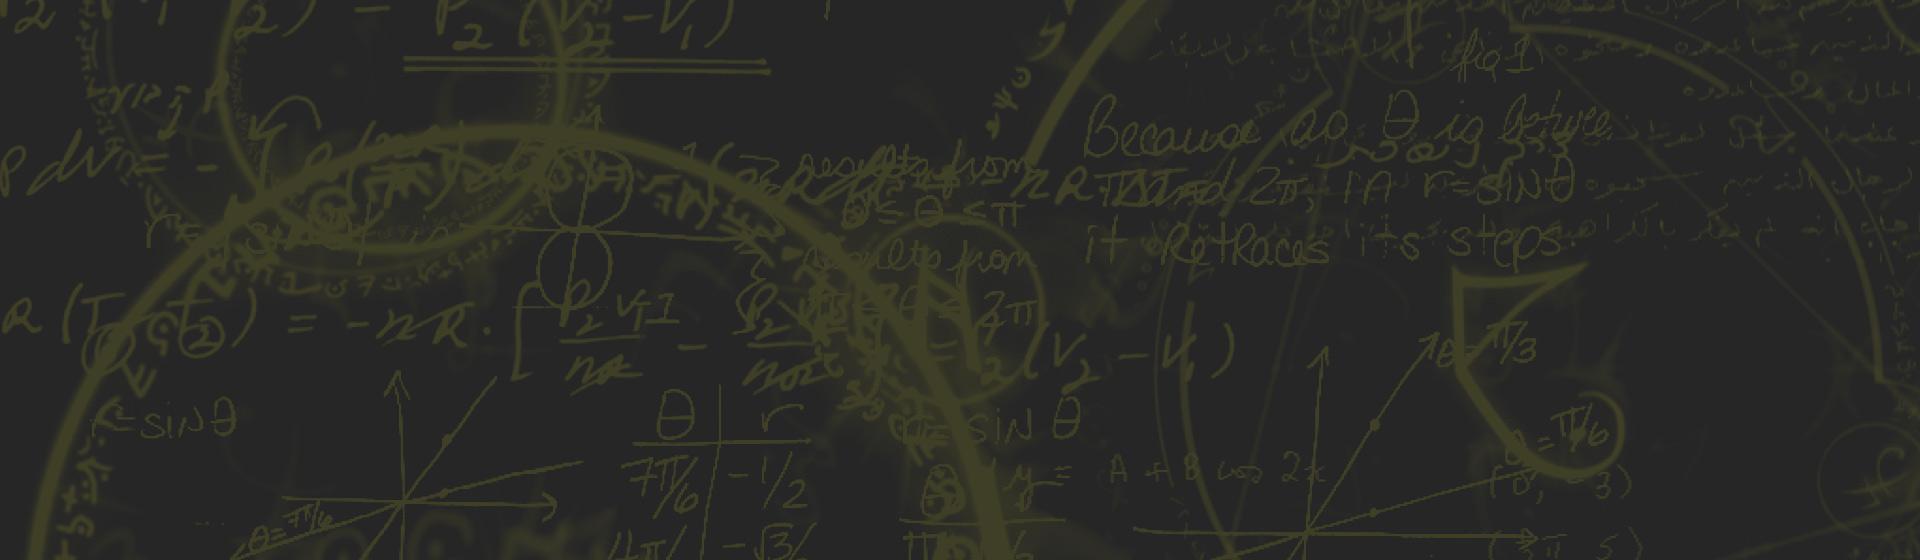 GoStrategy_Formula